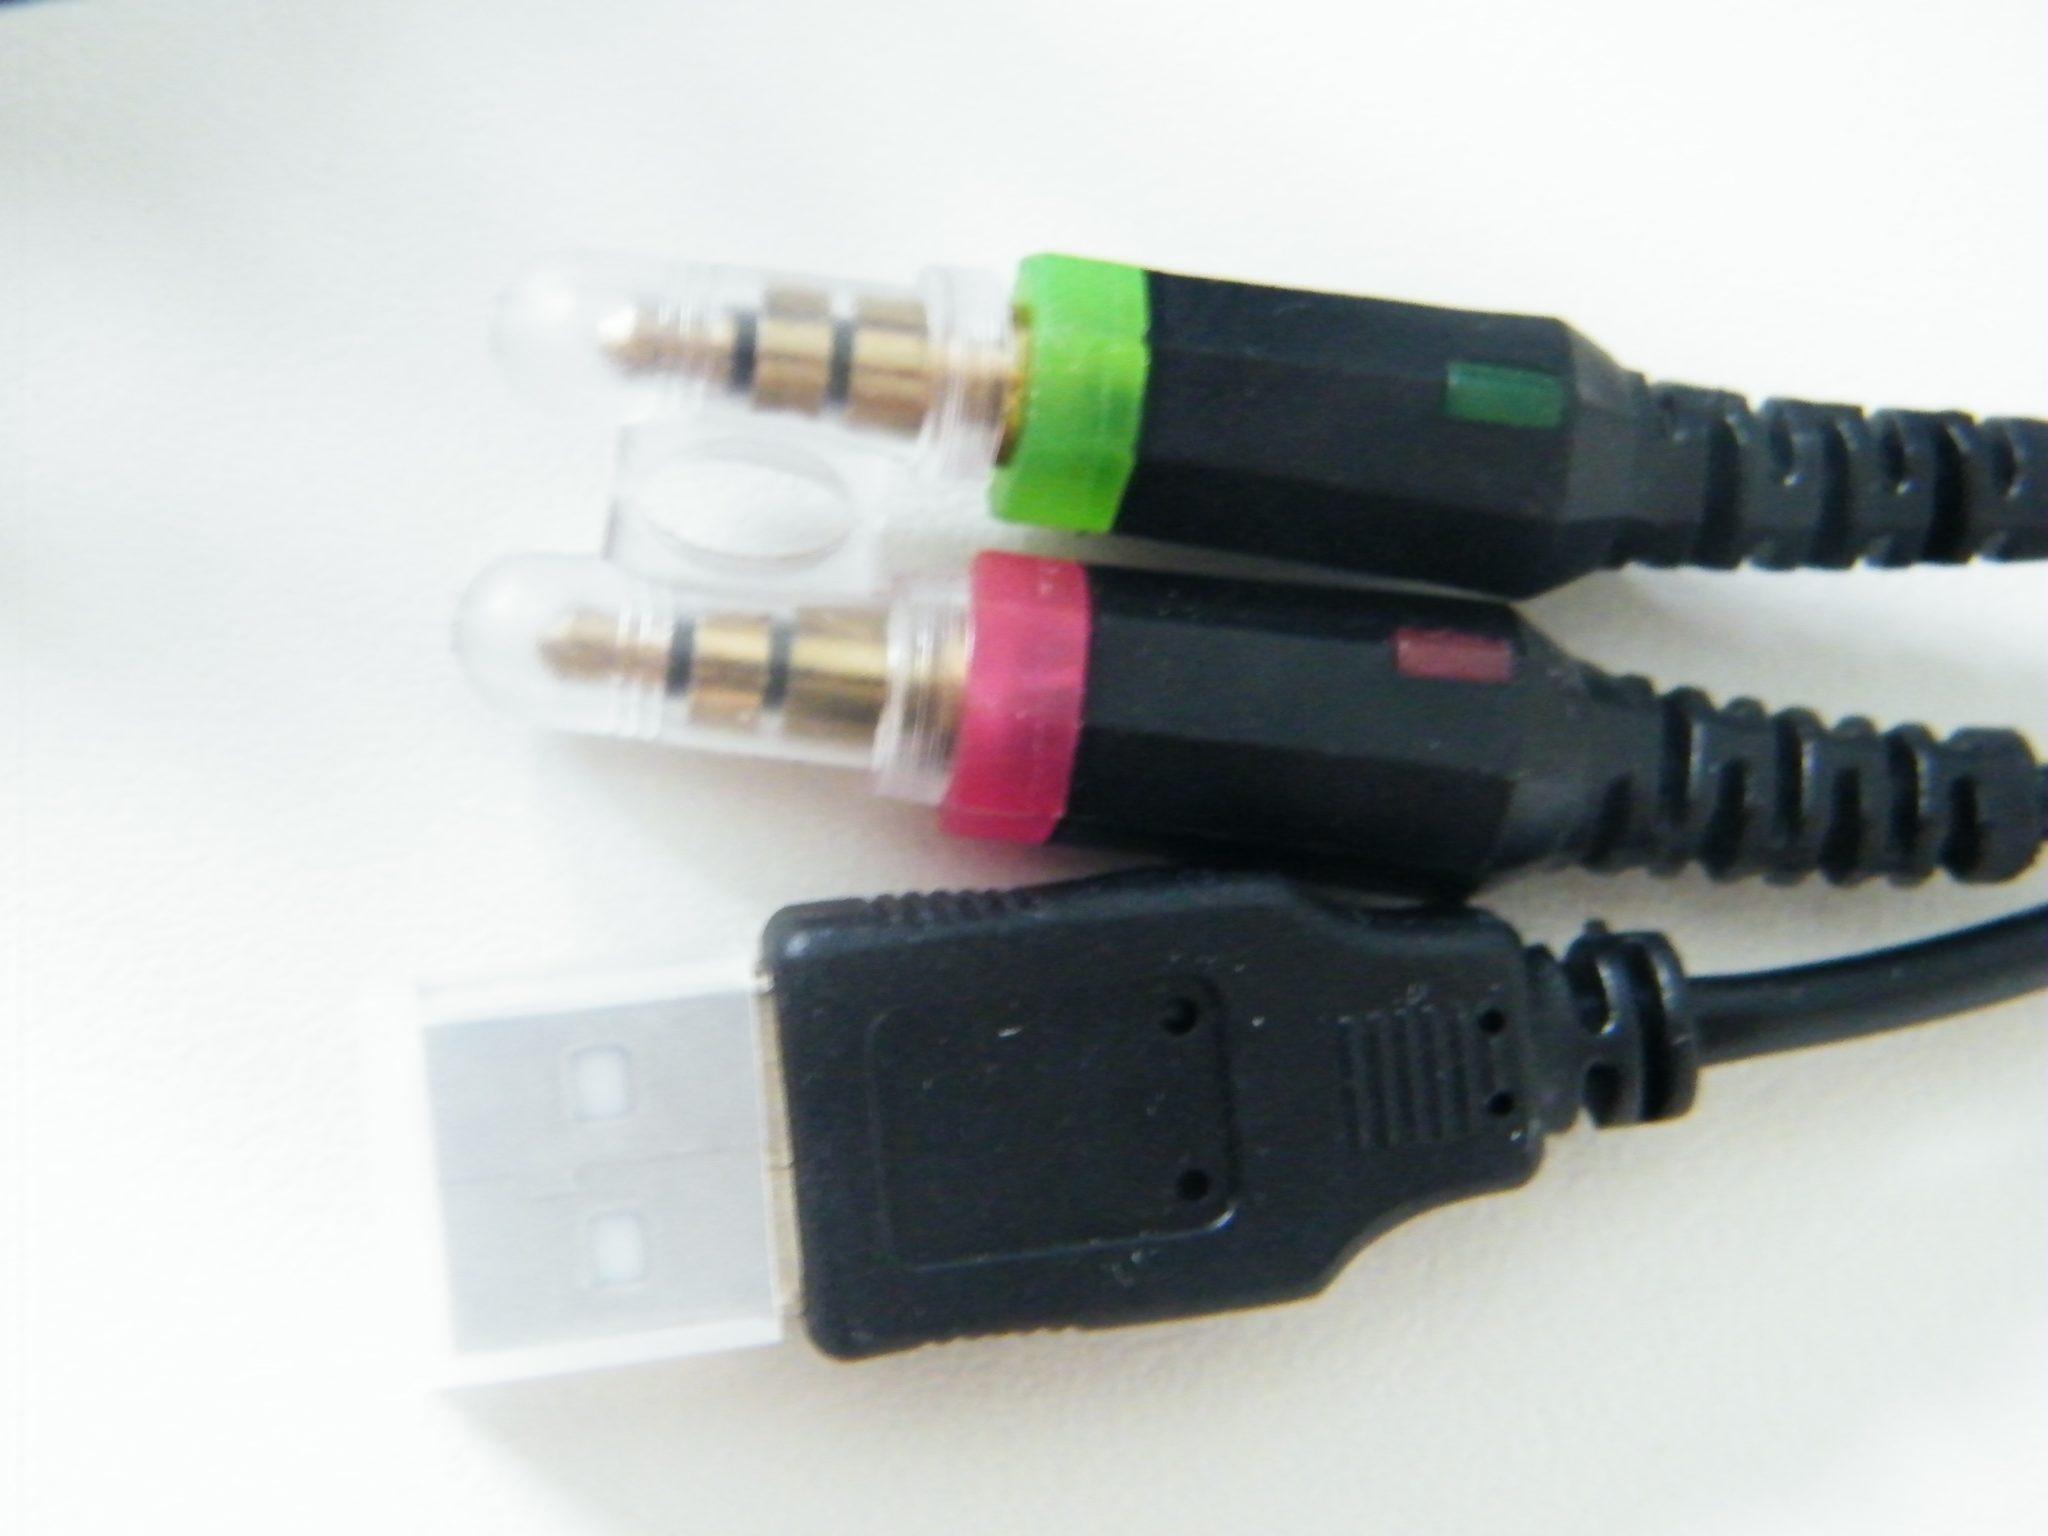 EasySMX K5 Dettaglio connettori